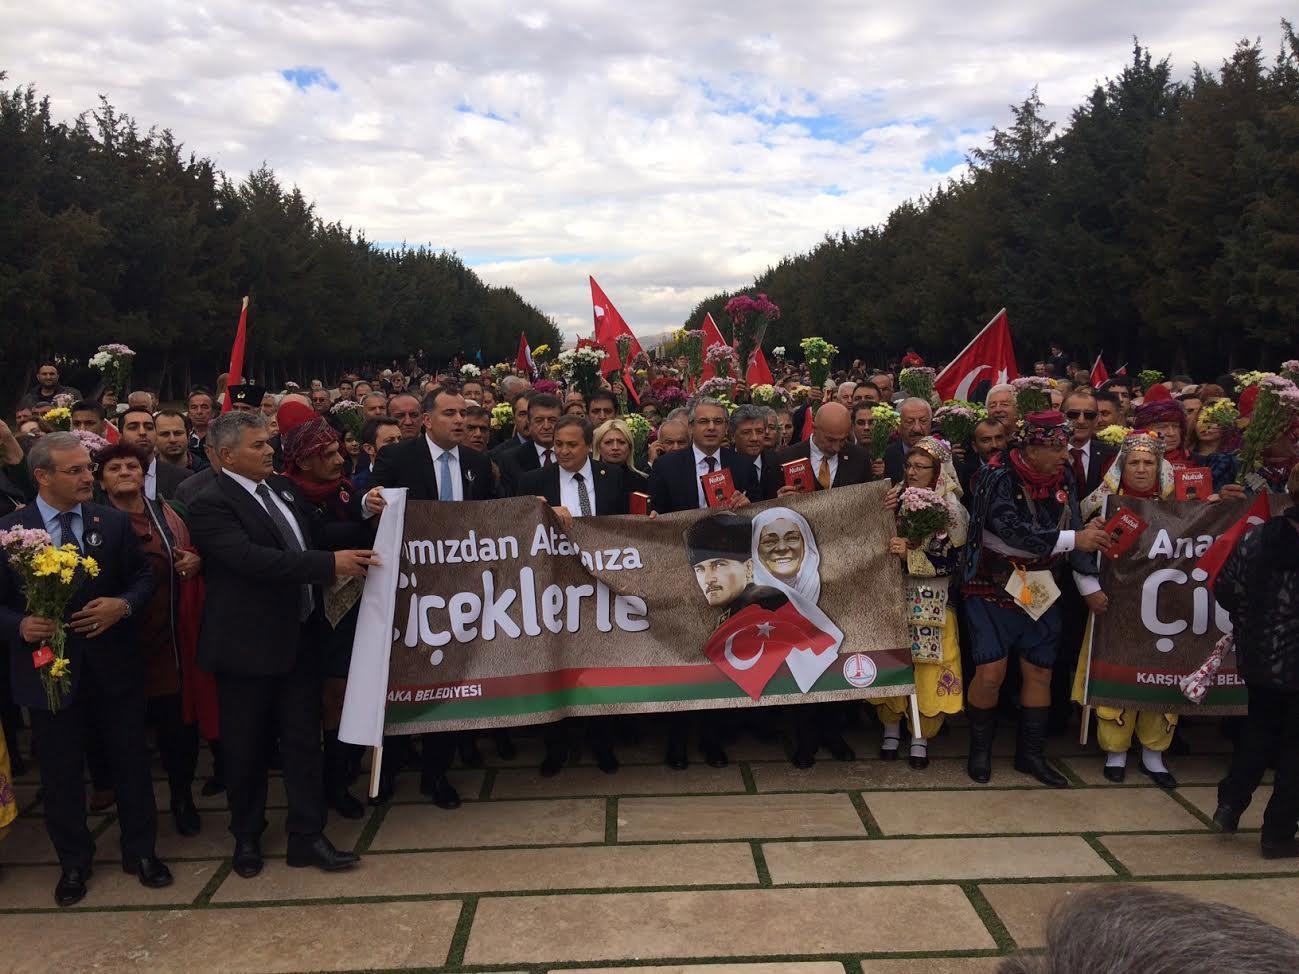 FOTO:SÖZCÜ - Çankaya Belediye Başkanı Alper Taşdelen ile Karşıyaka Belediye Başkanı Hüseyin Mutlu Akpınar çok özel bir etkinliğe imza attılar.